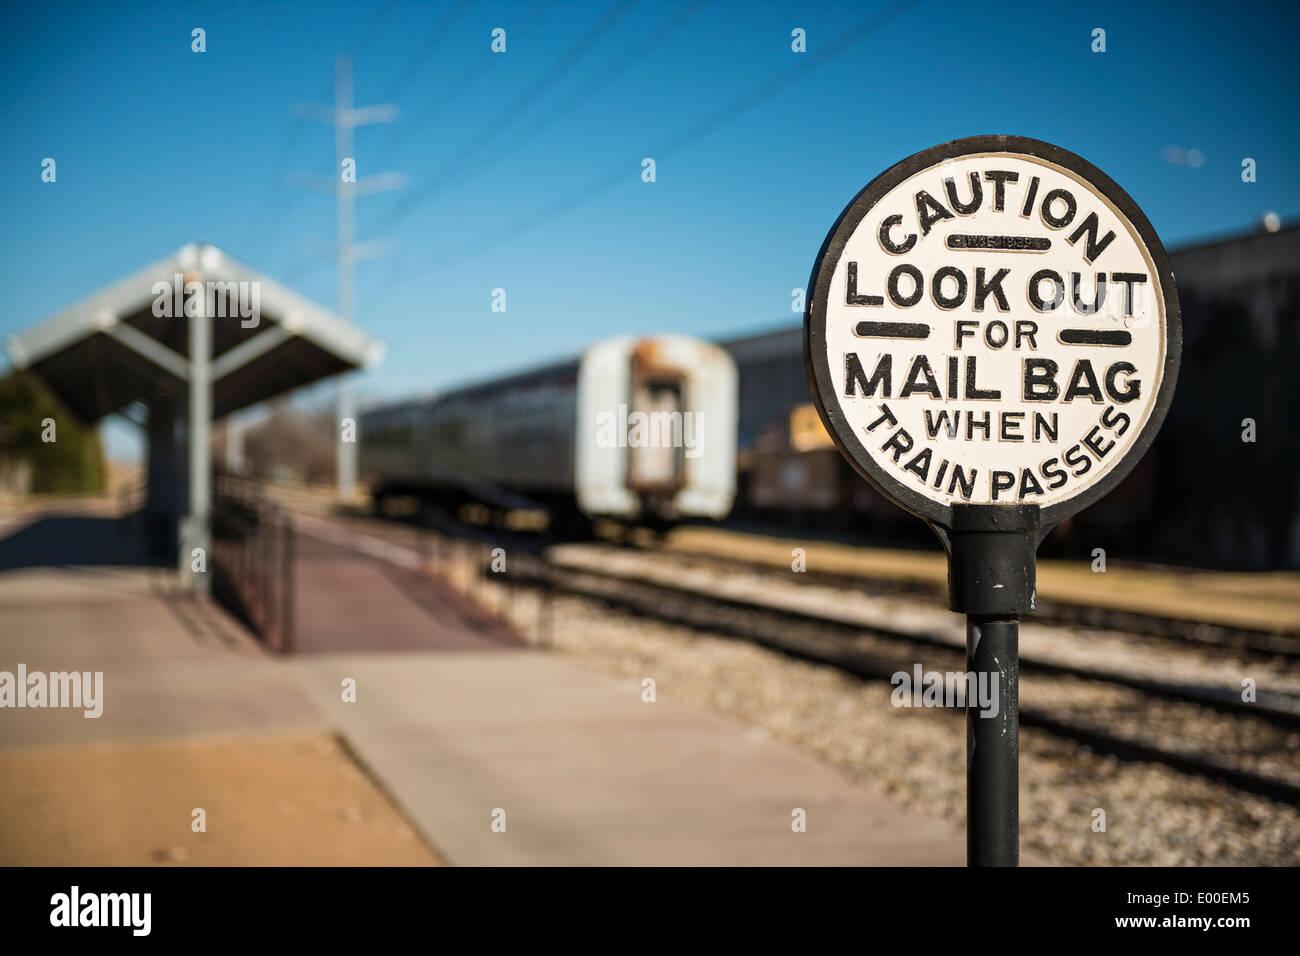 Alte Bahn unterschreiben Warnung Züge Postsäcke weiterzugeben. Stockbild